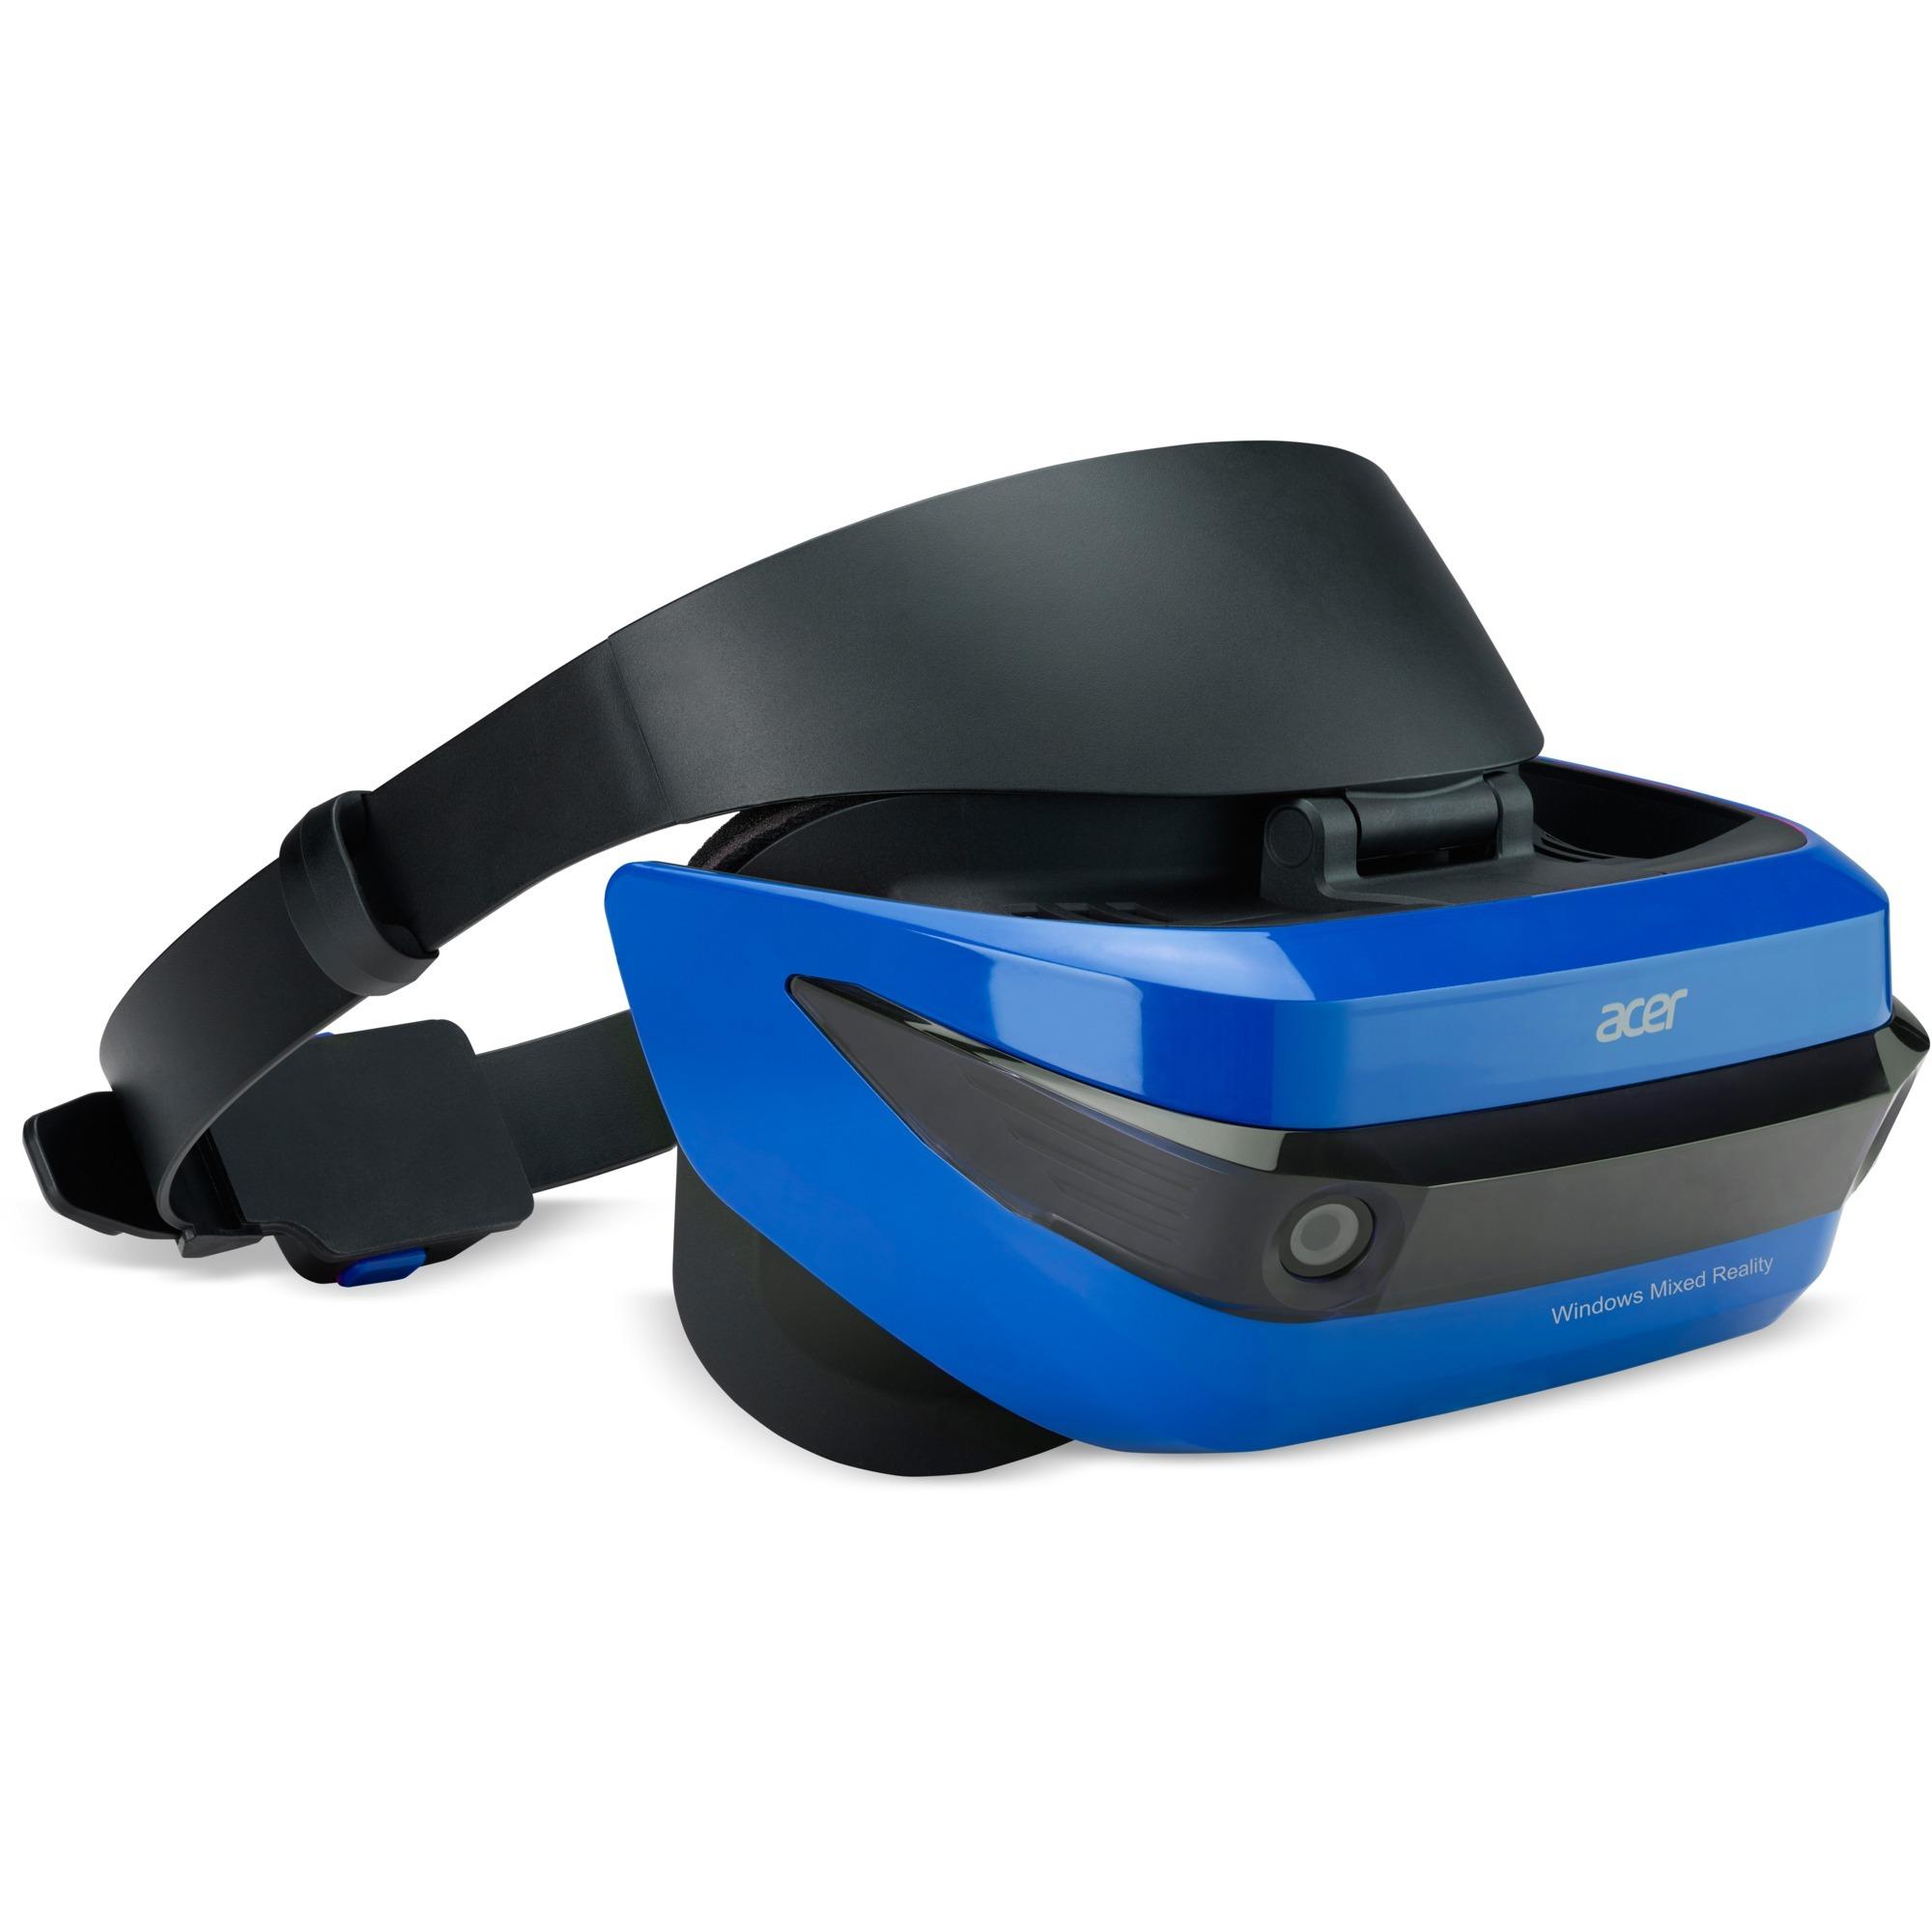 AH100 Pantalla con montura para sujetar en la cabeza 350g Negro, Azul, Gafas de Realidad Virtual (VR)